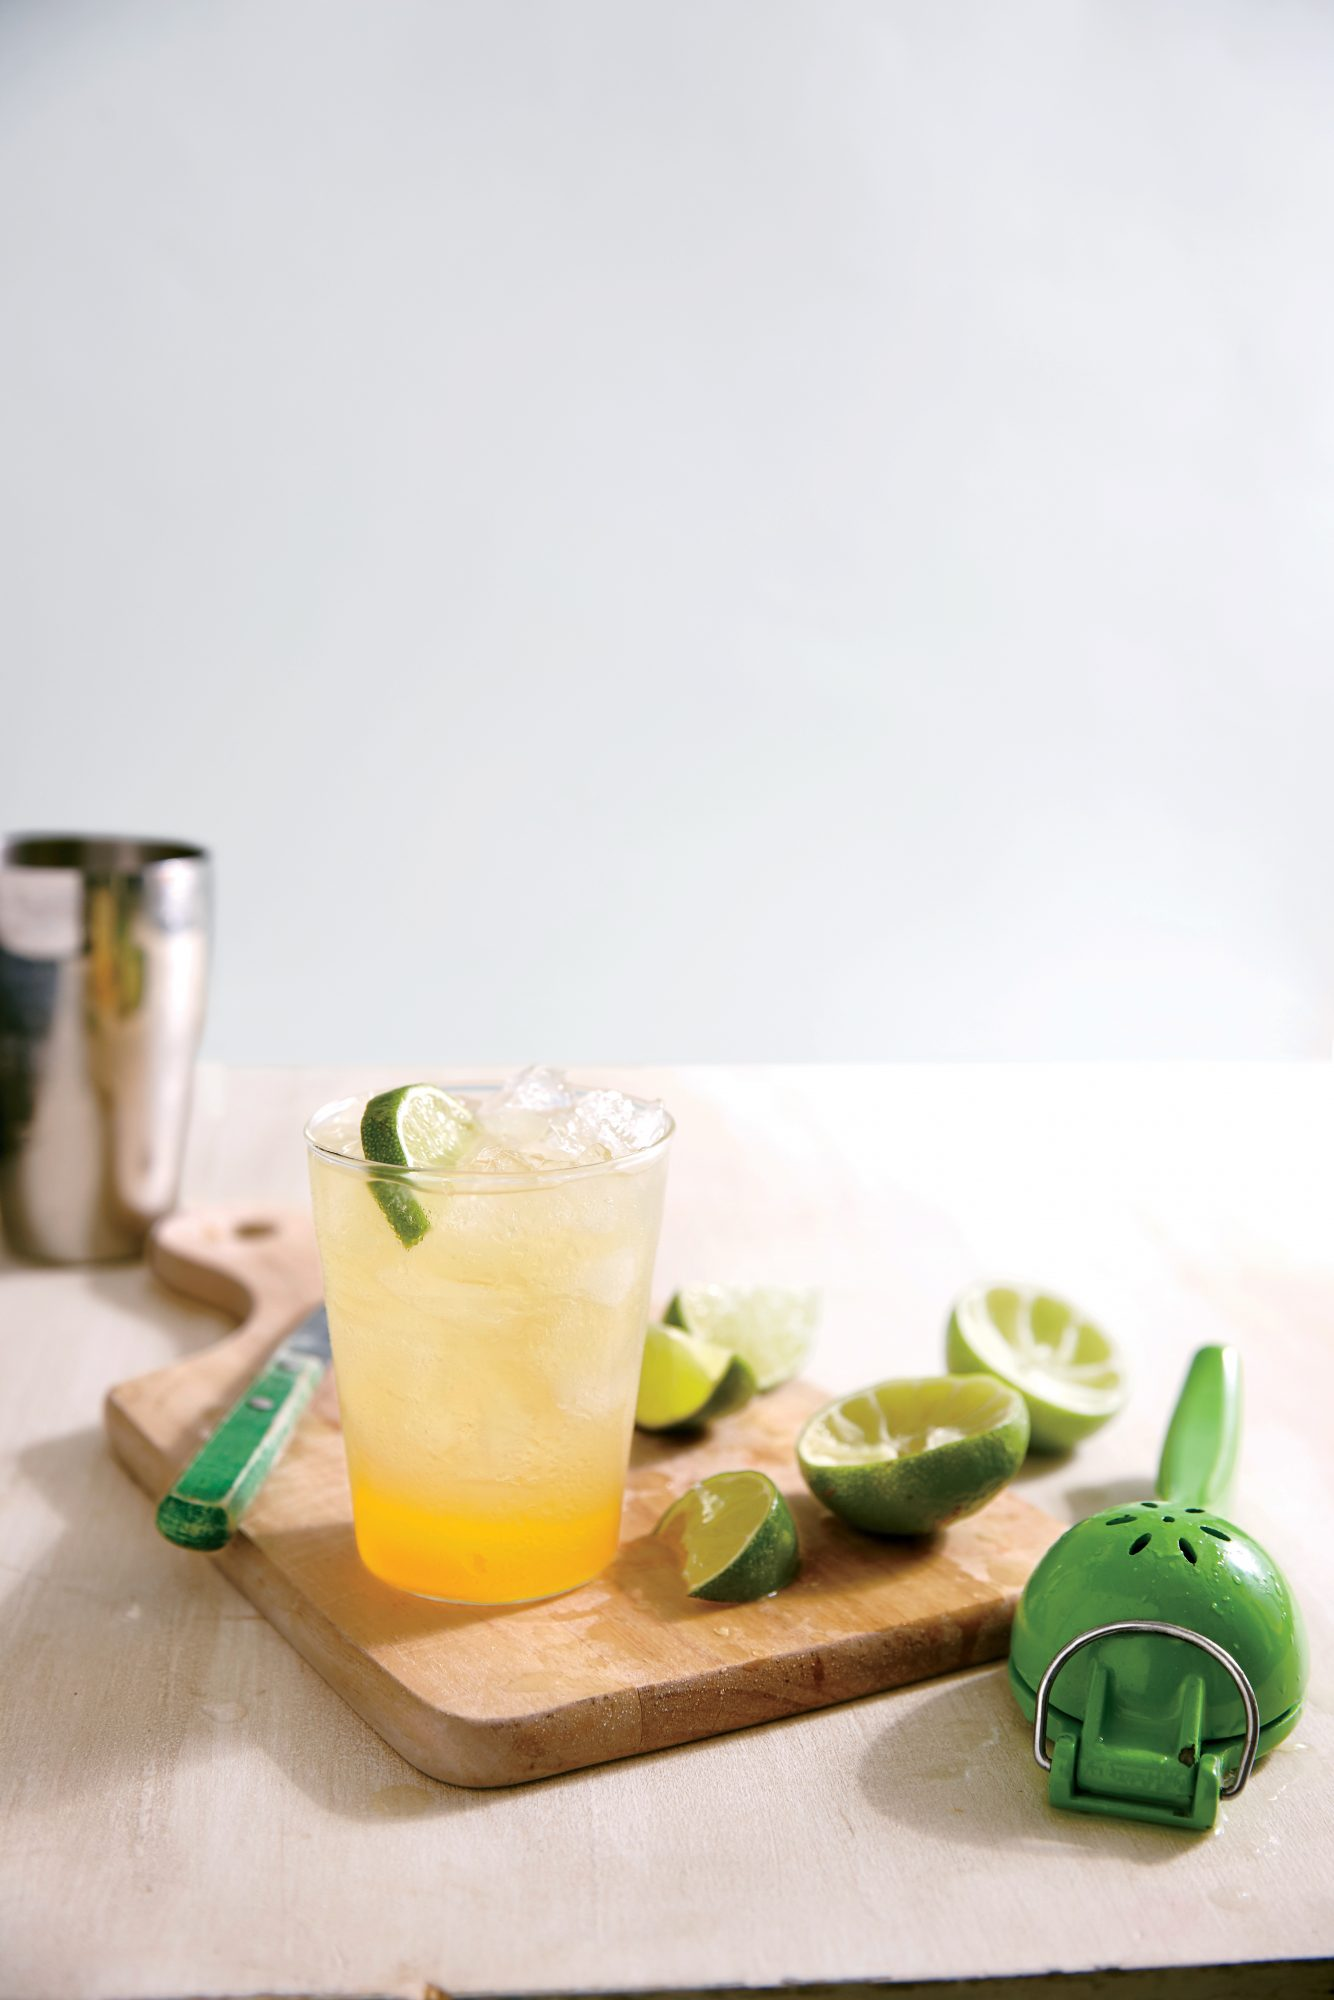 ck-Classic Margarita